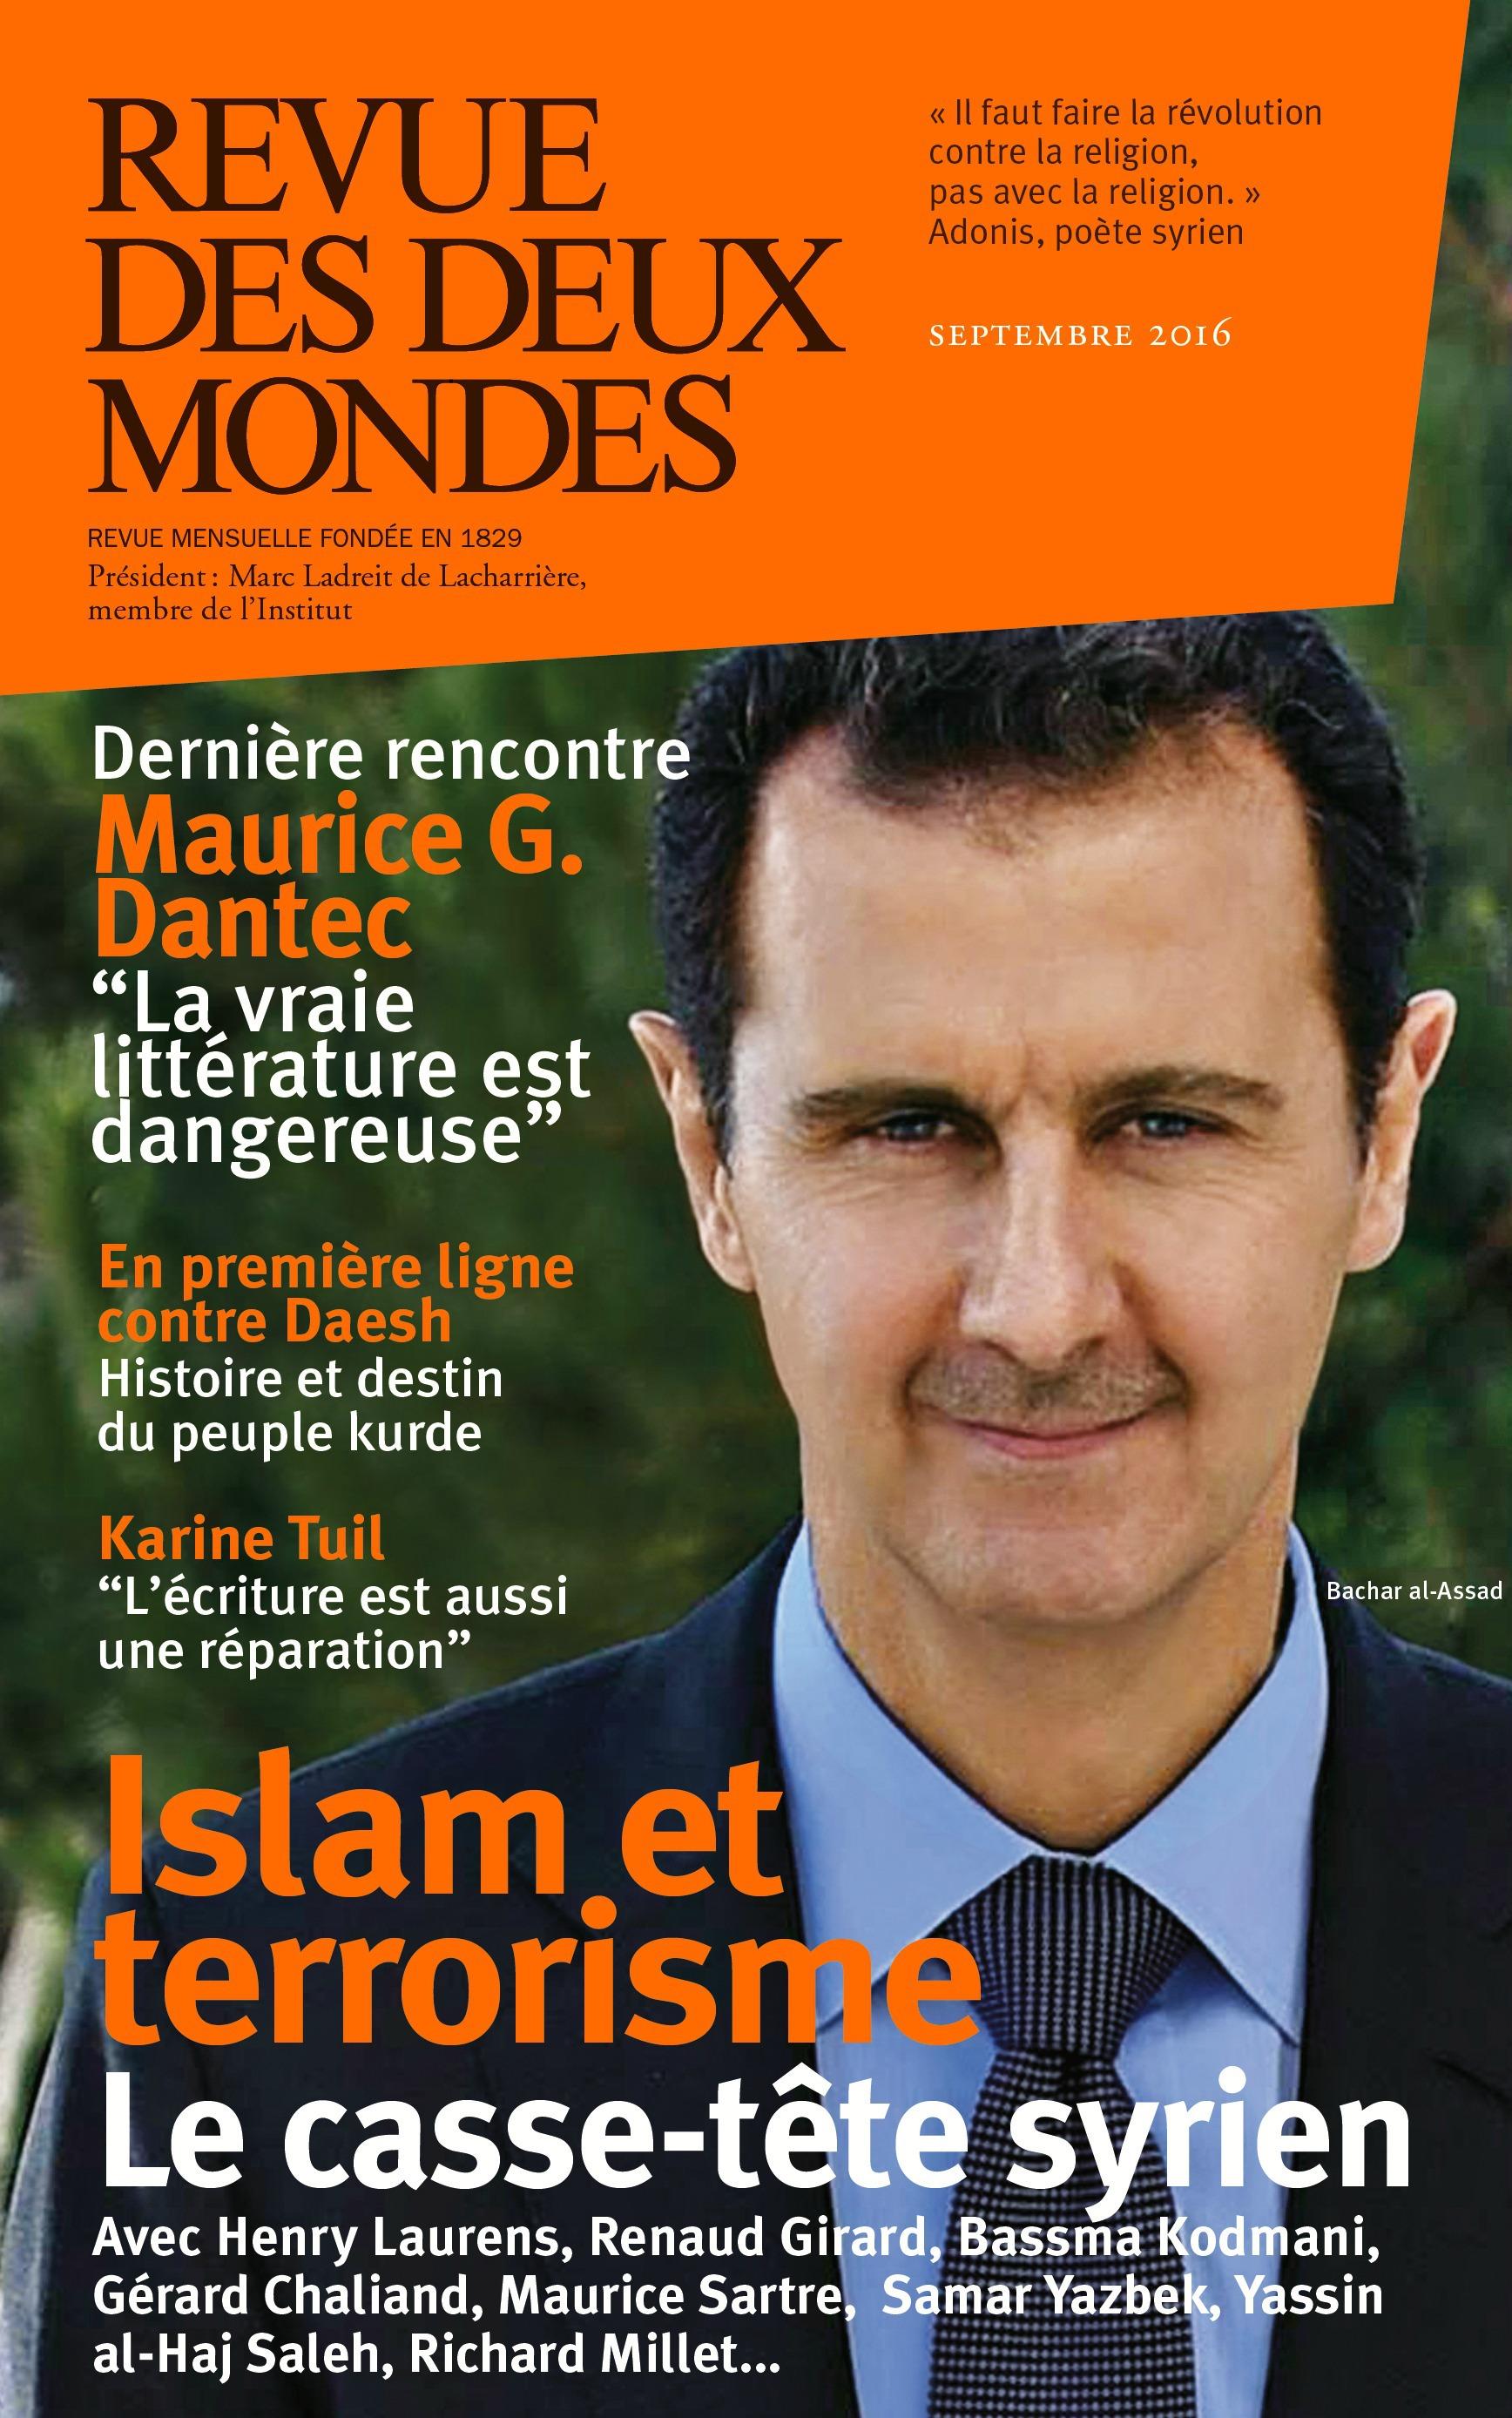 REVUE DES DEUX MONDES ; islam et terrorisme ; le casse-tête syrien